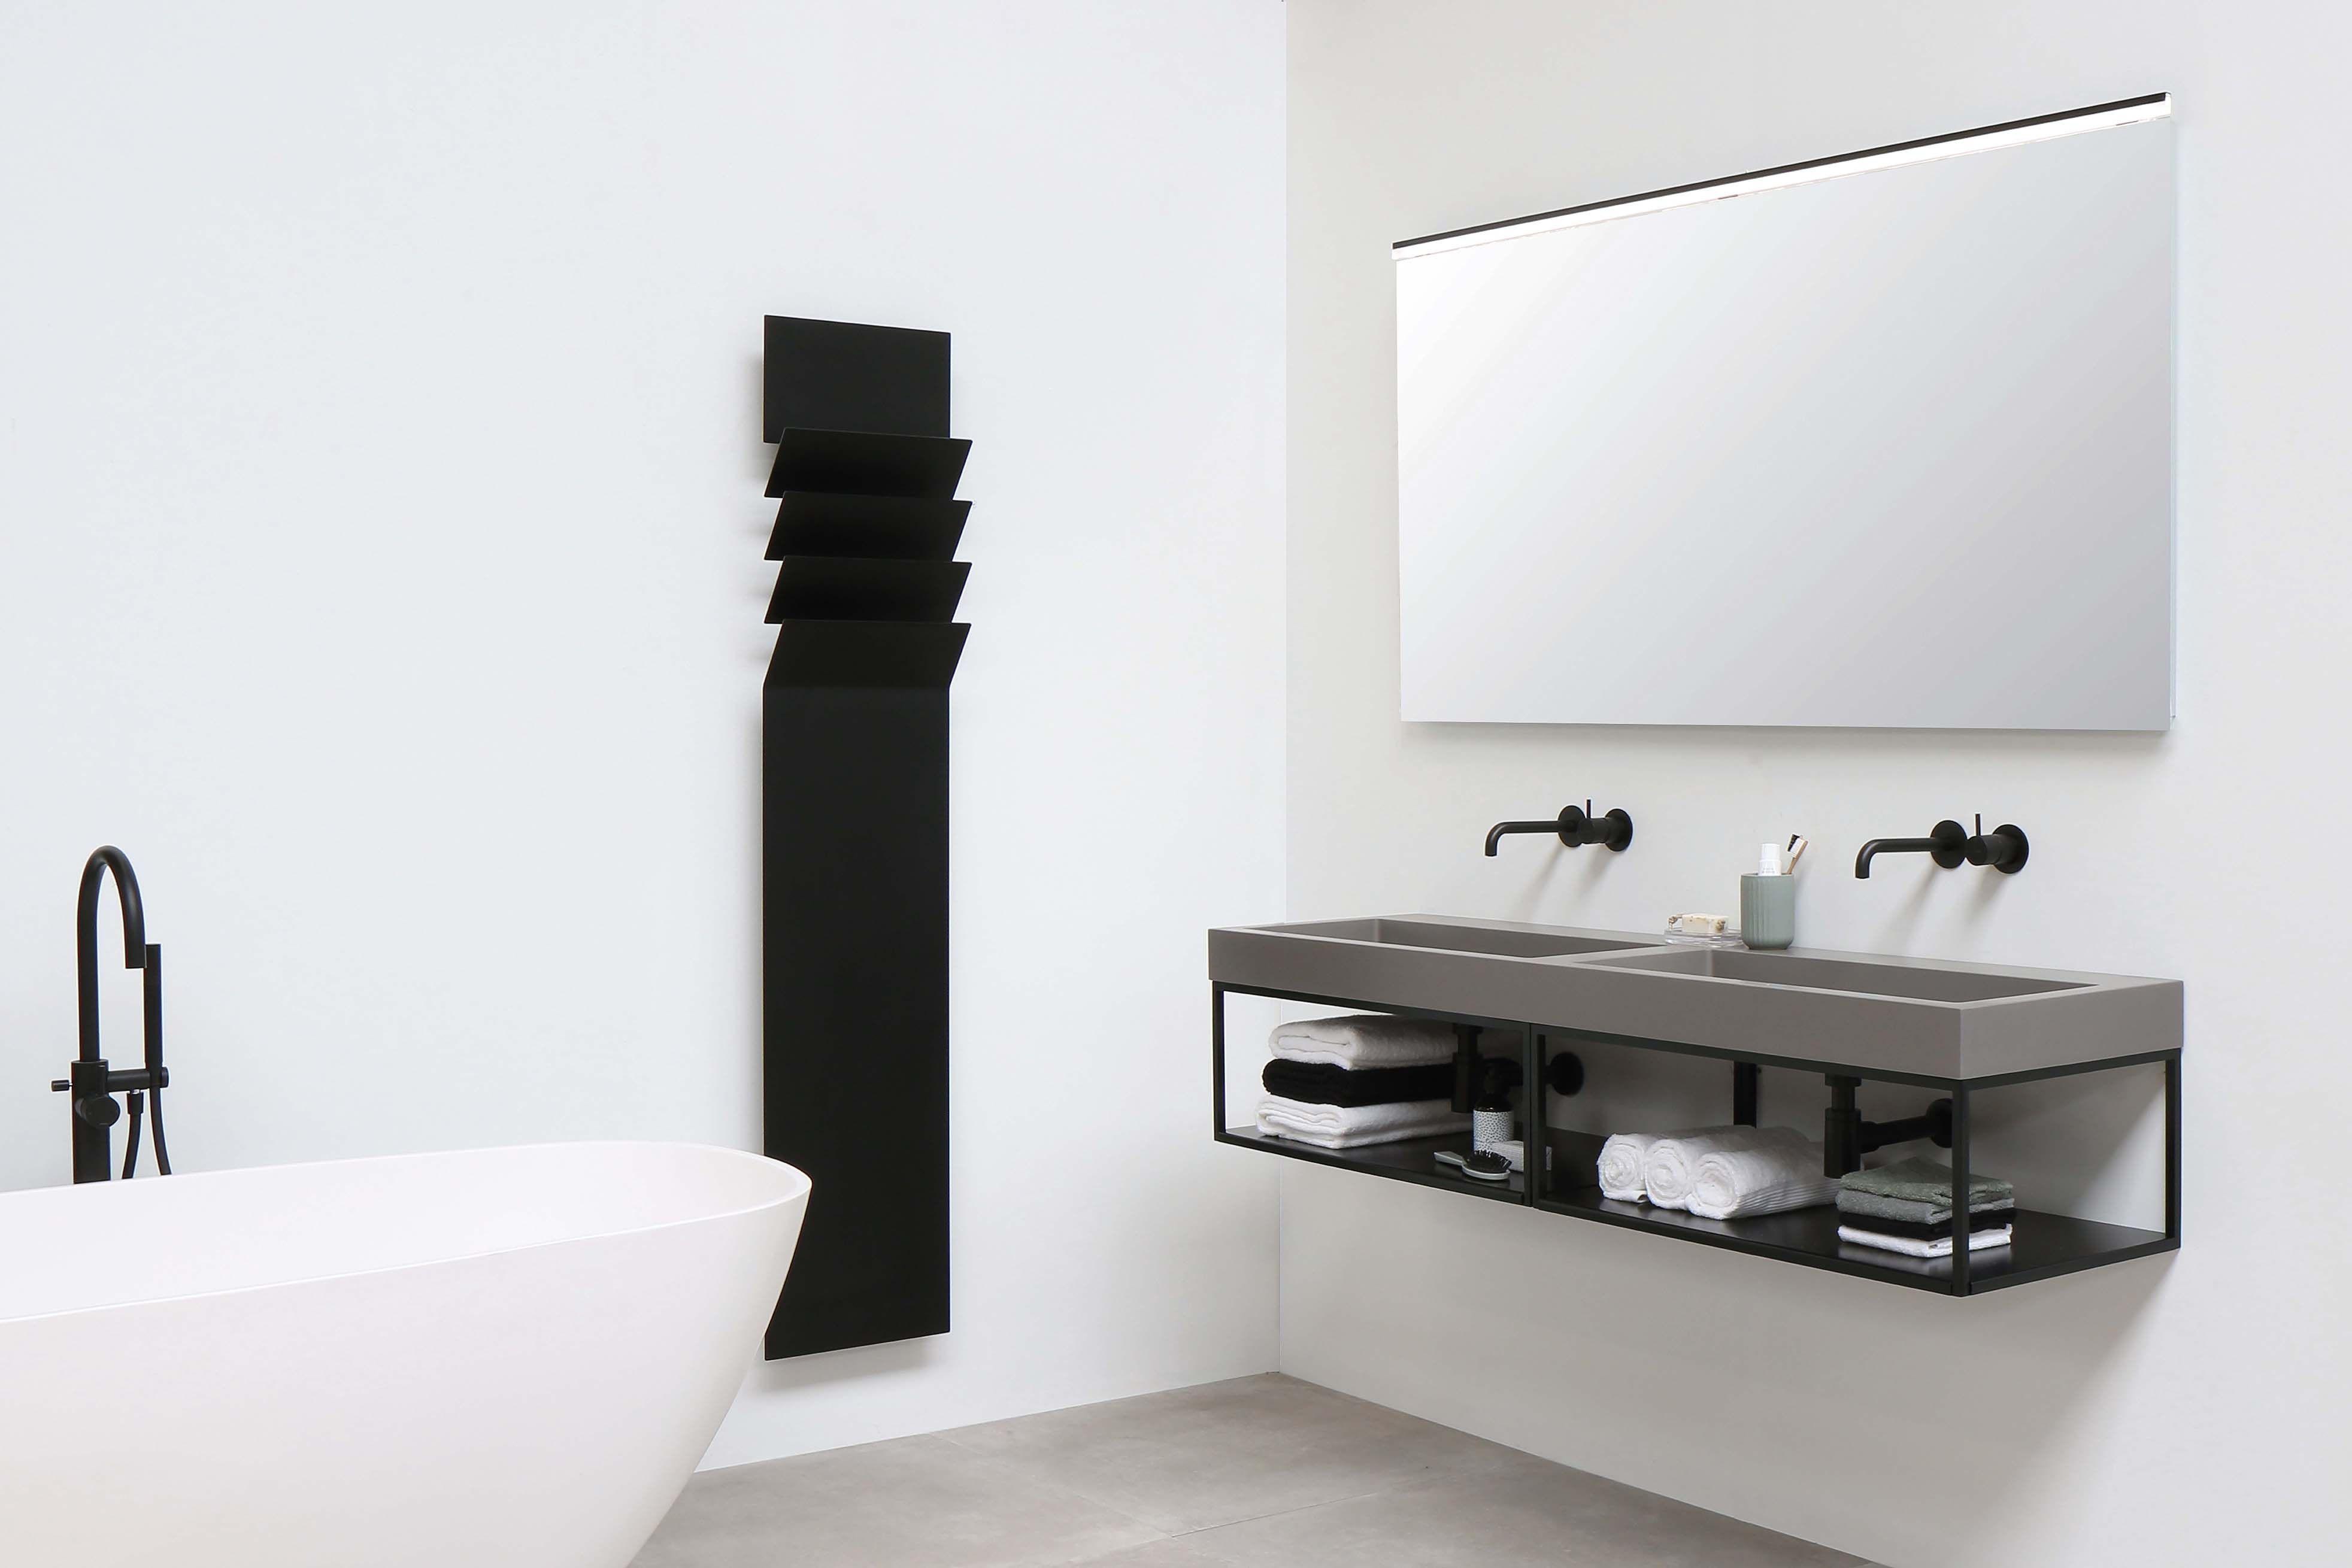 Ink momento quartz beton 160 cm ferro frame mat zwart 2x 80 cm